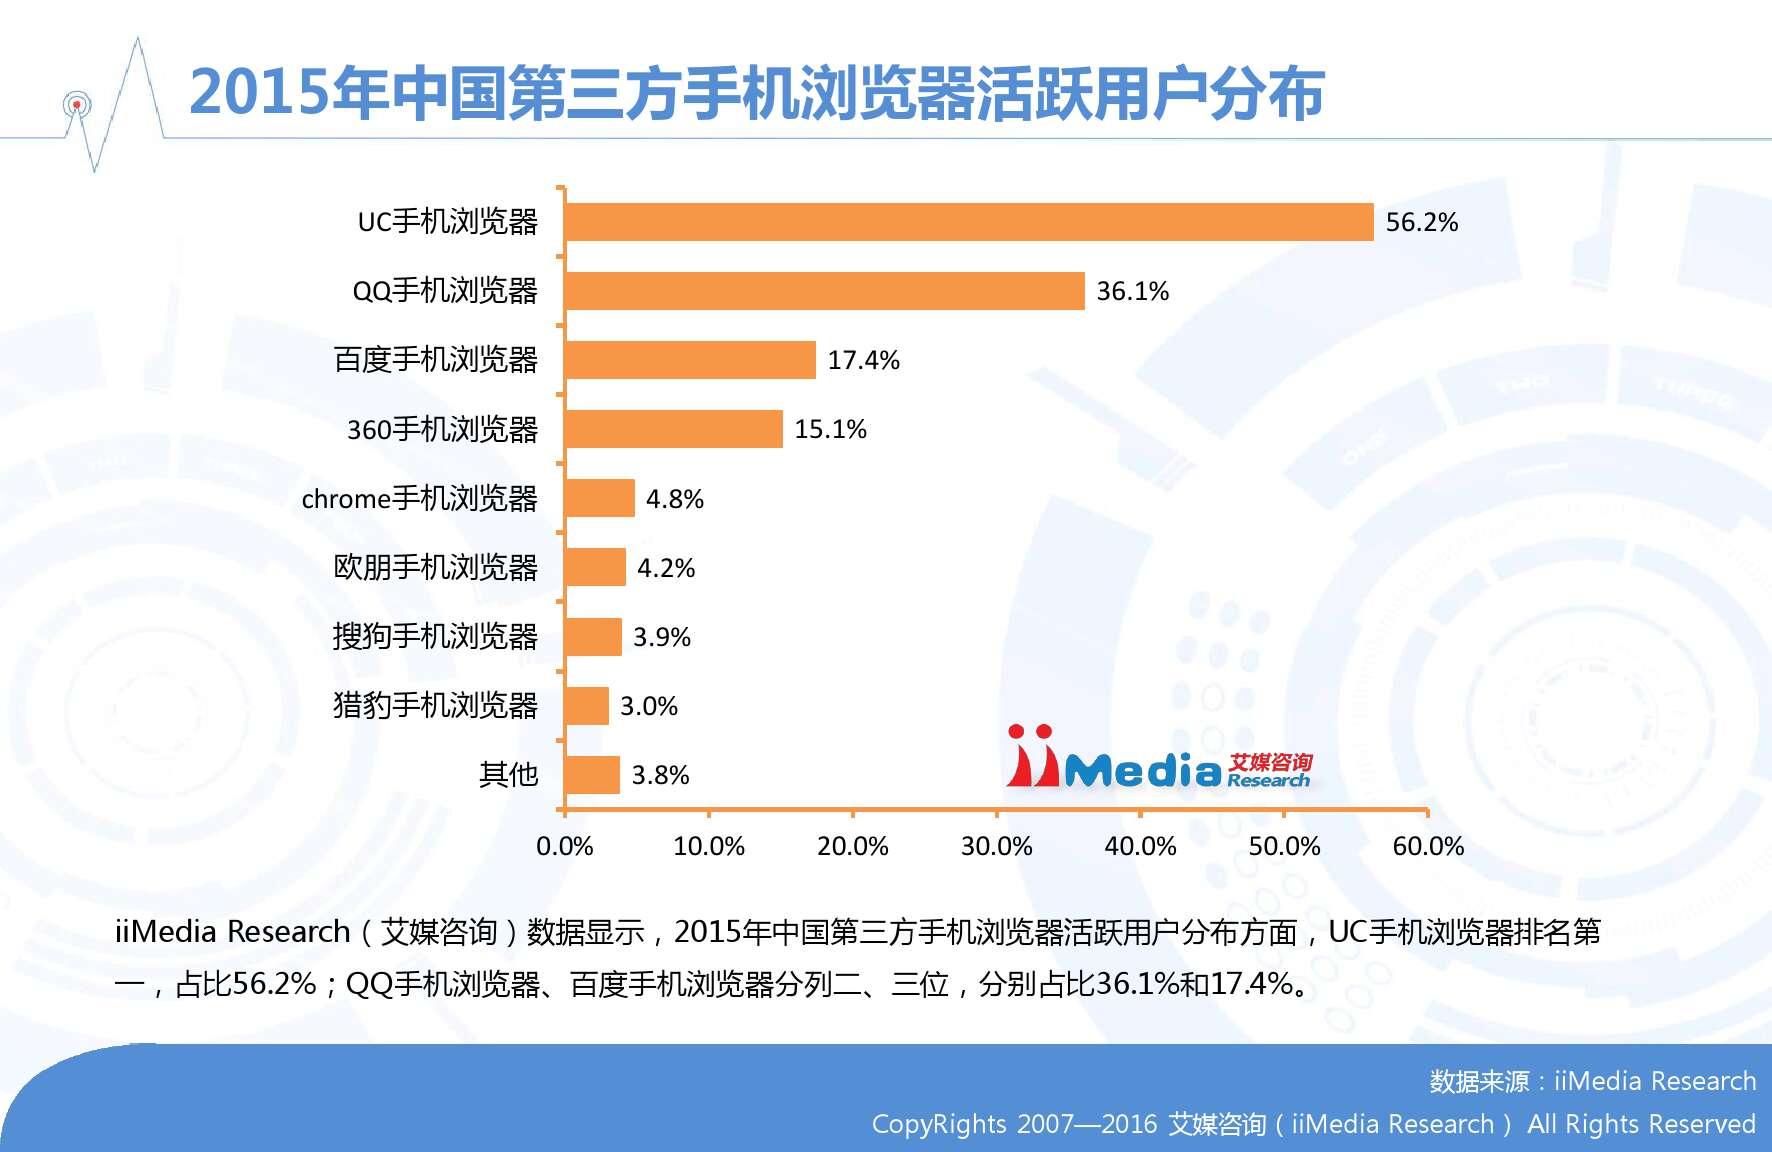 艾媒咨询:2015-2016年中国手机浏览器市场研究报告_000013